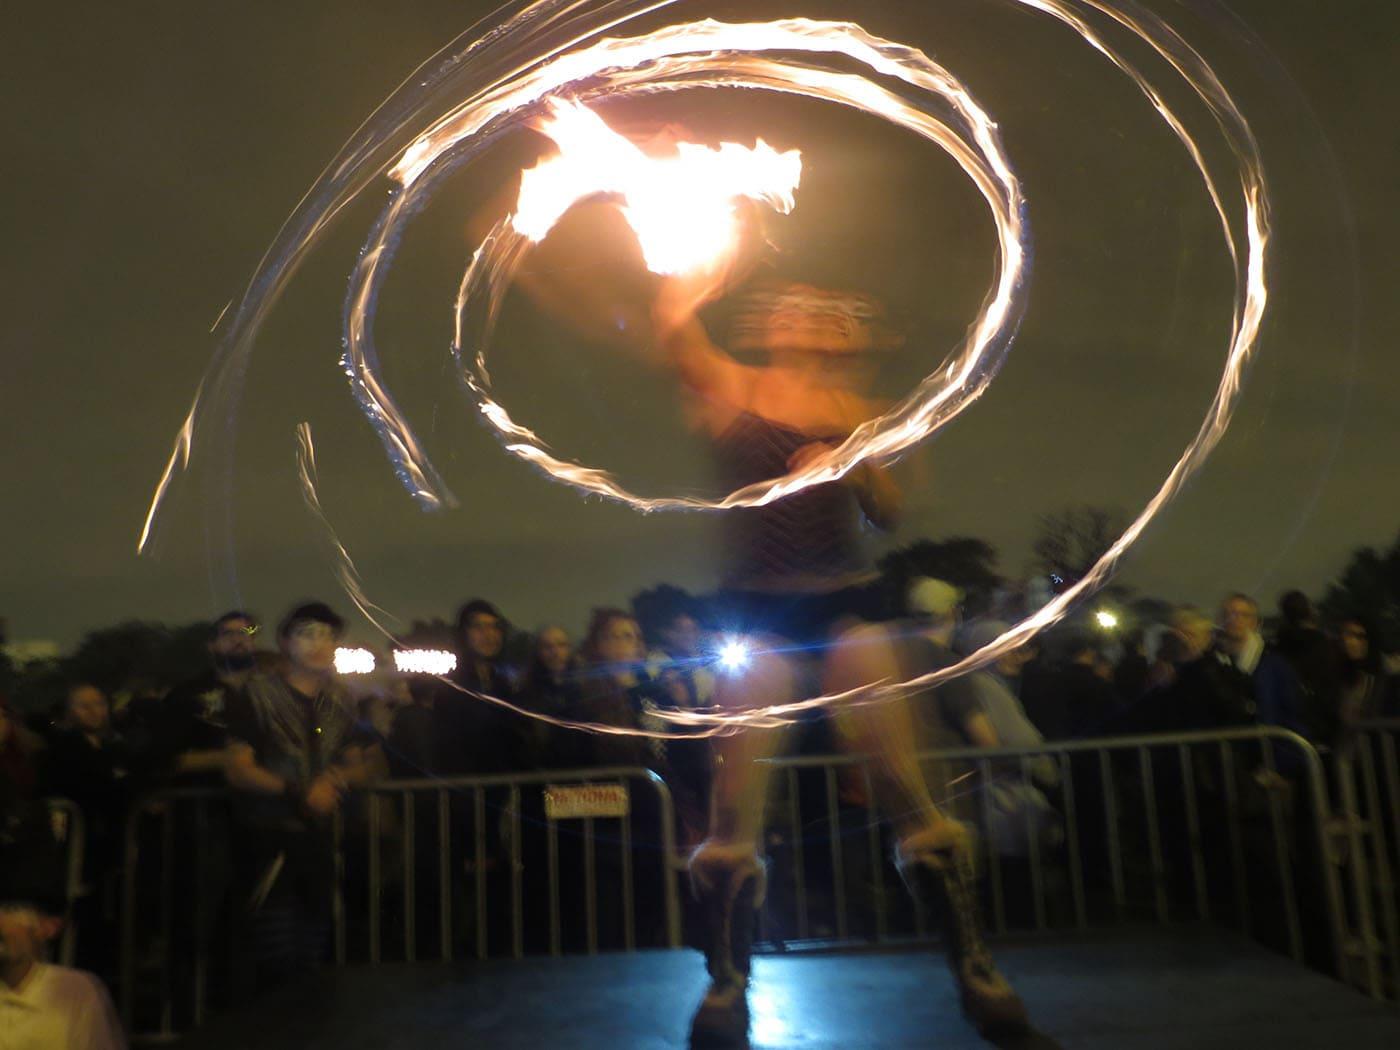 Poi fire spinner Riot Fest Chicago 2013